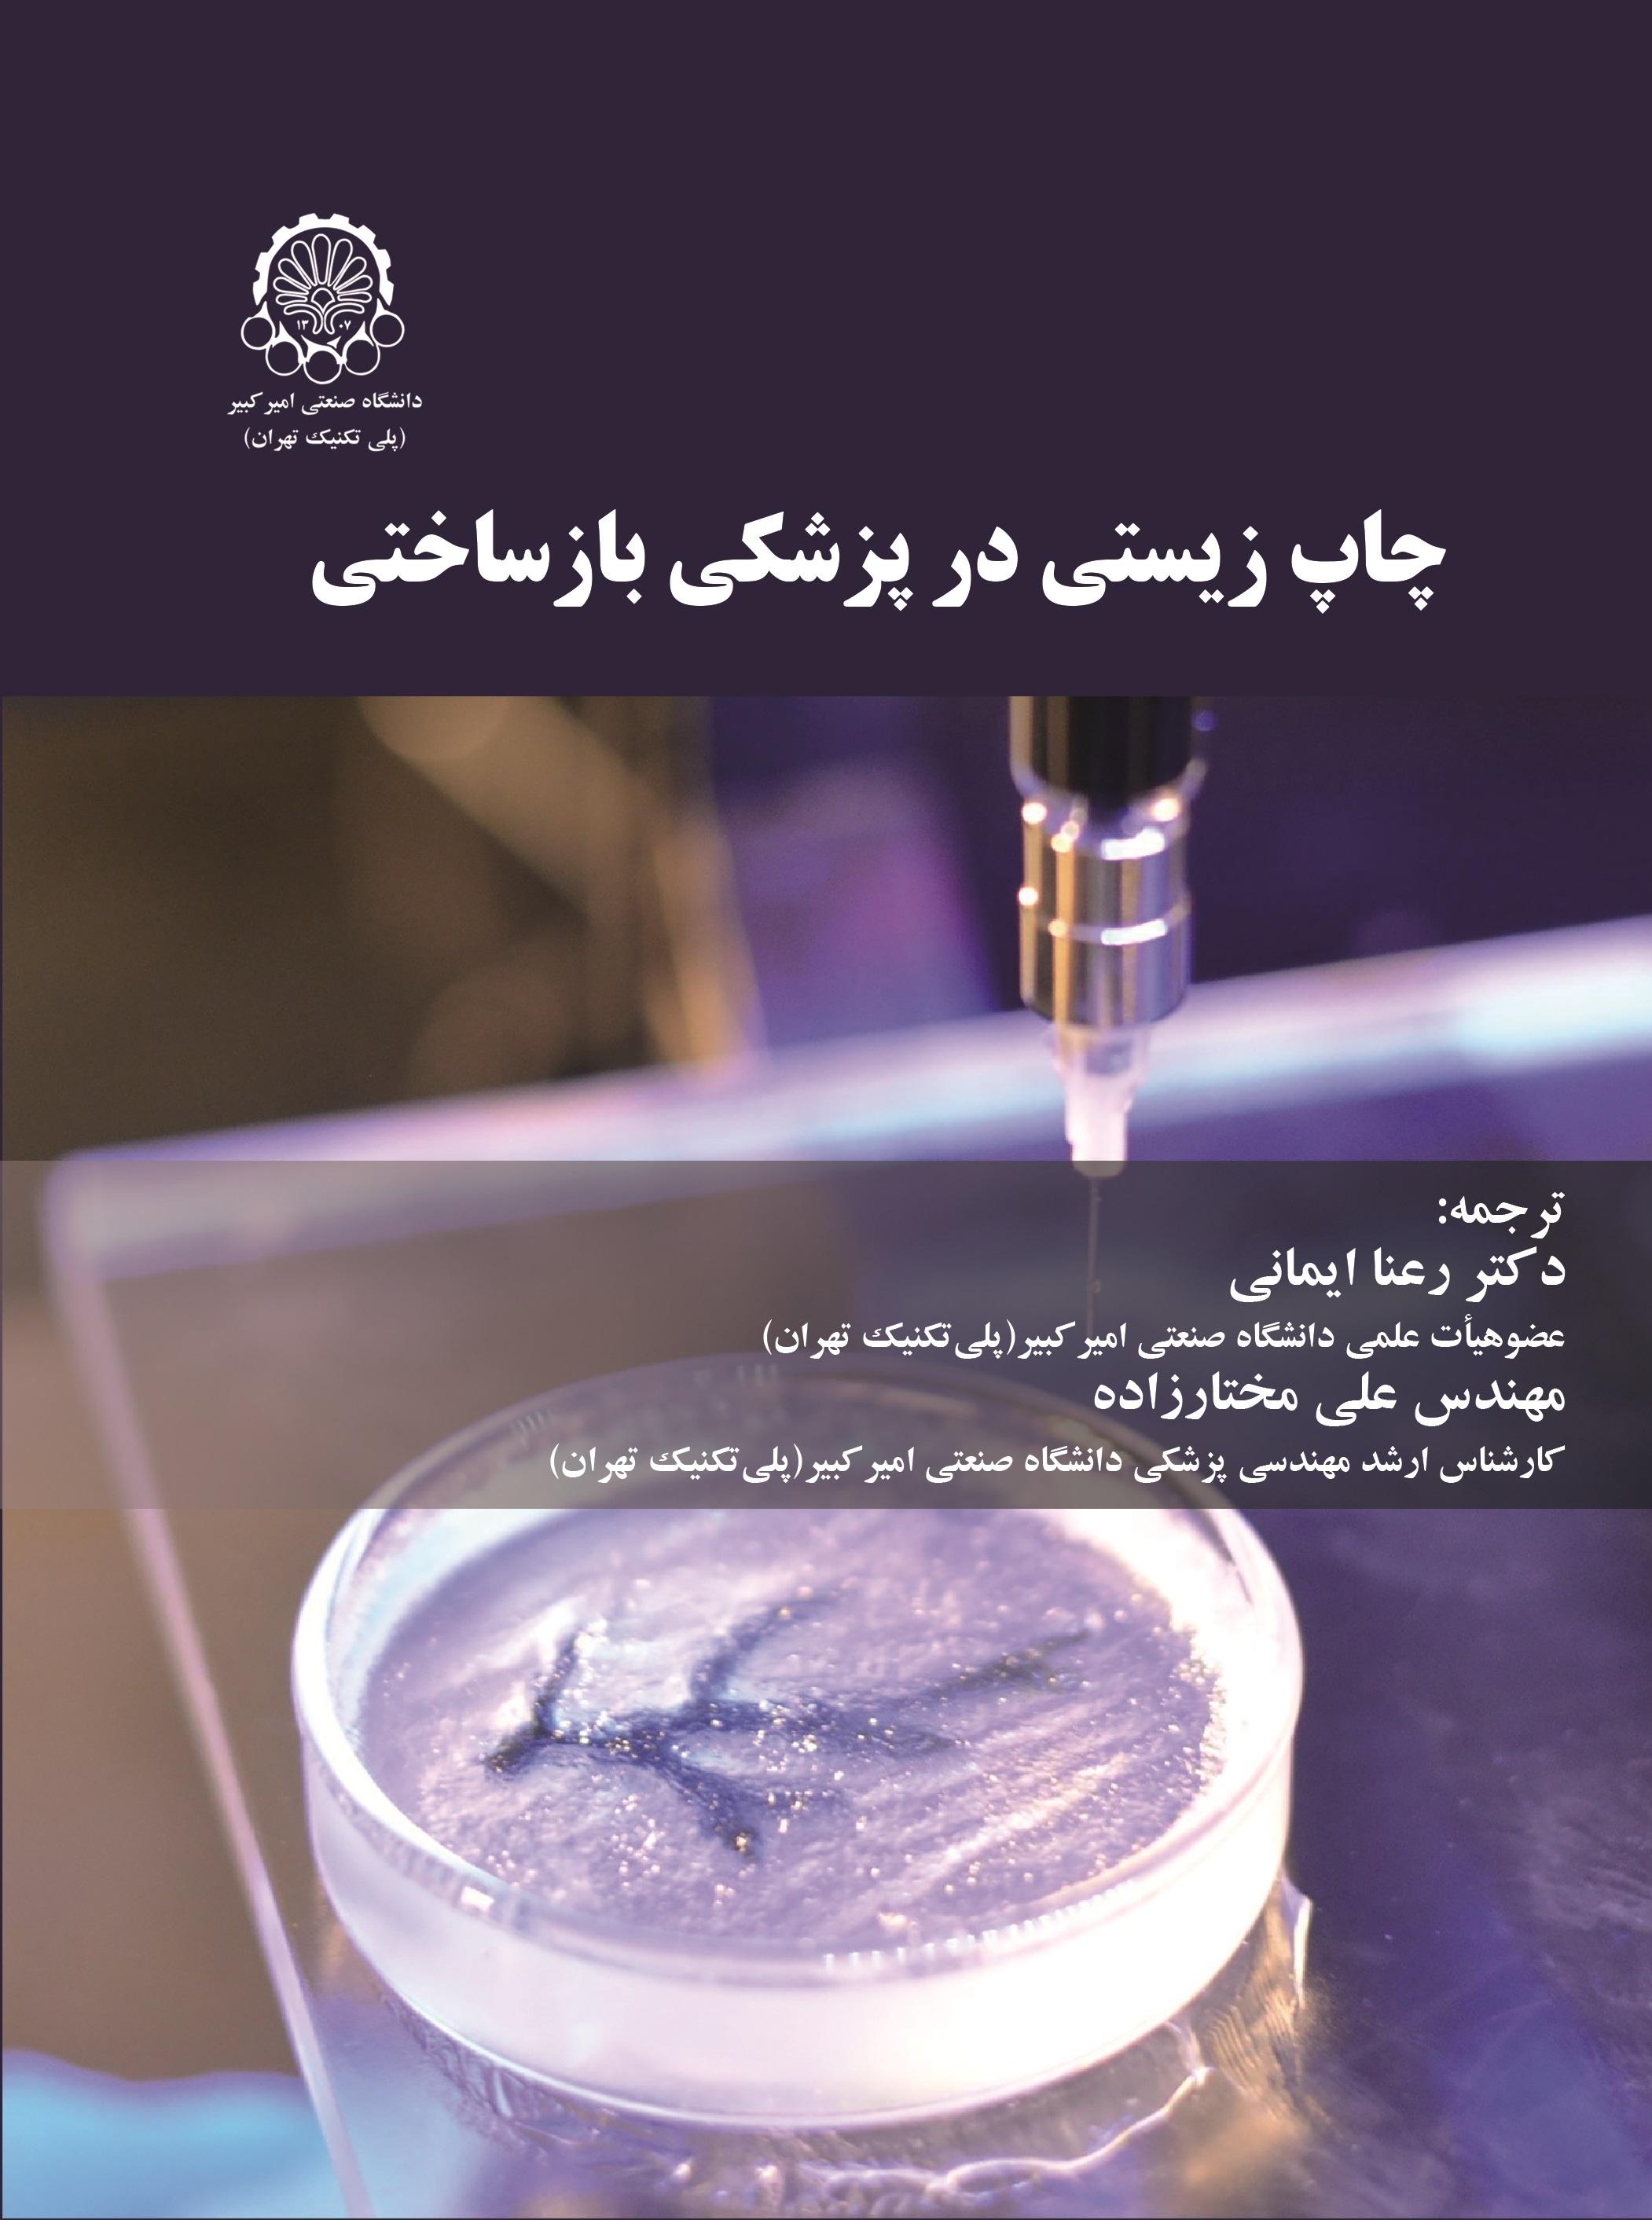 چاپ زیستی در پزشکی بازشناختی